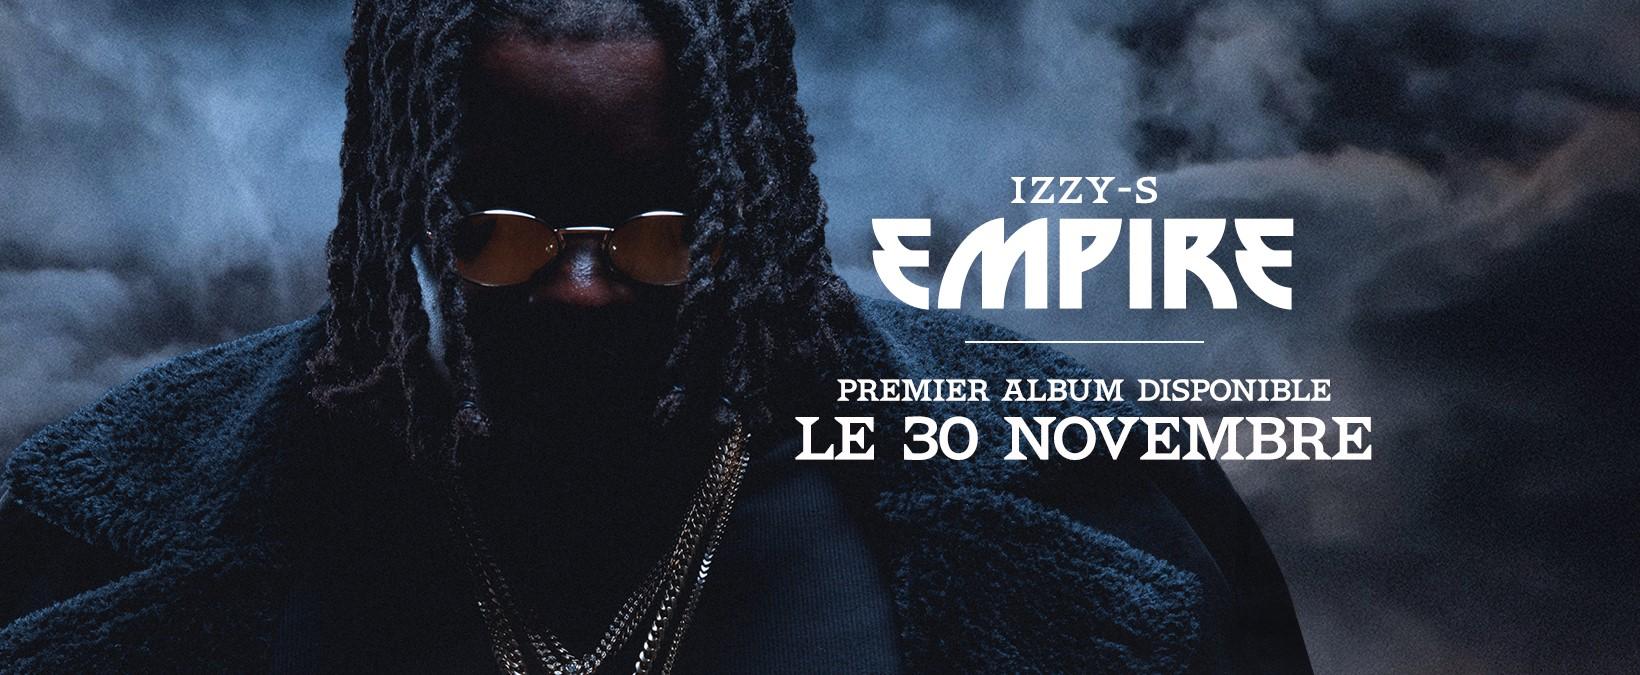 IZZY-S Empire